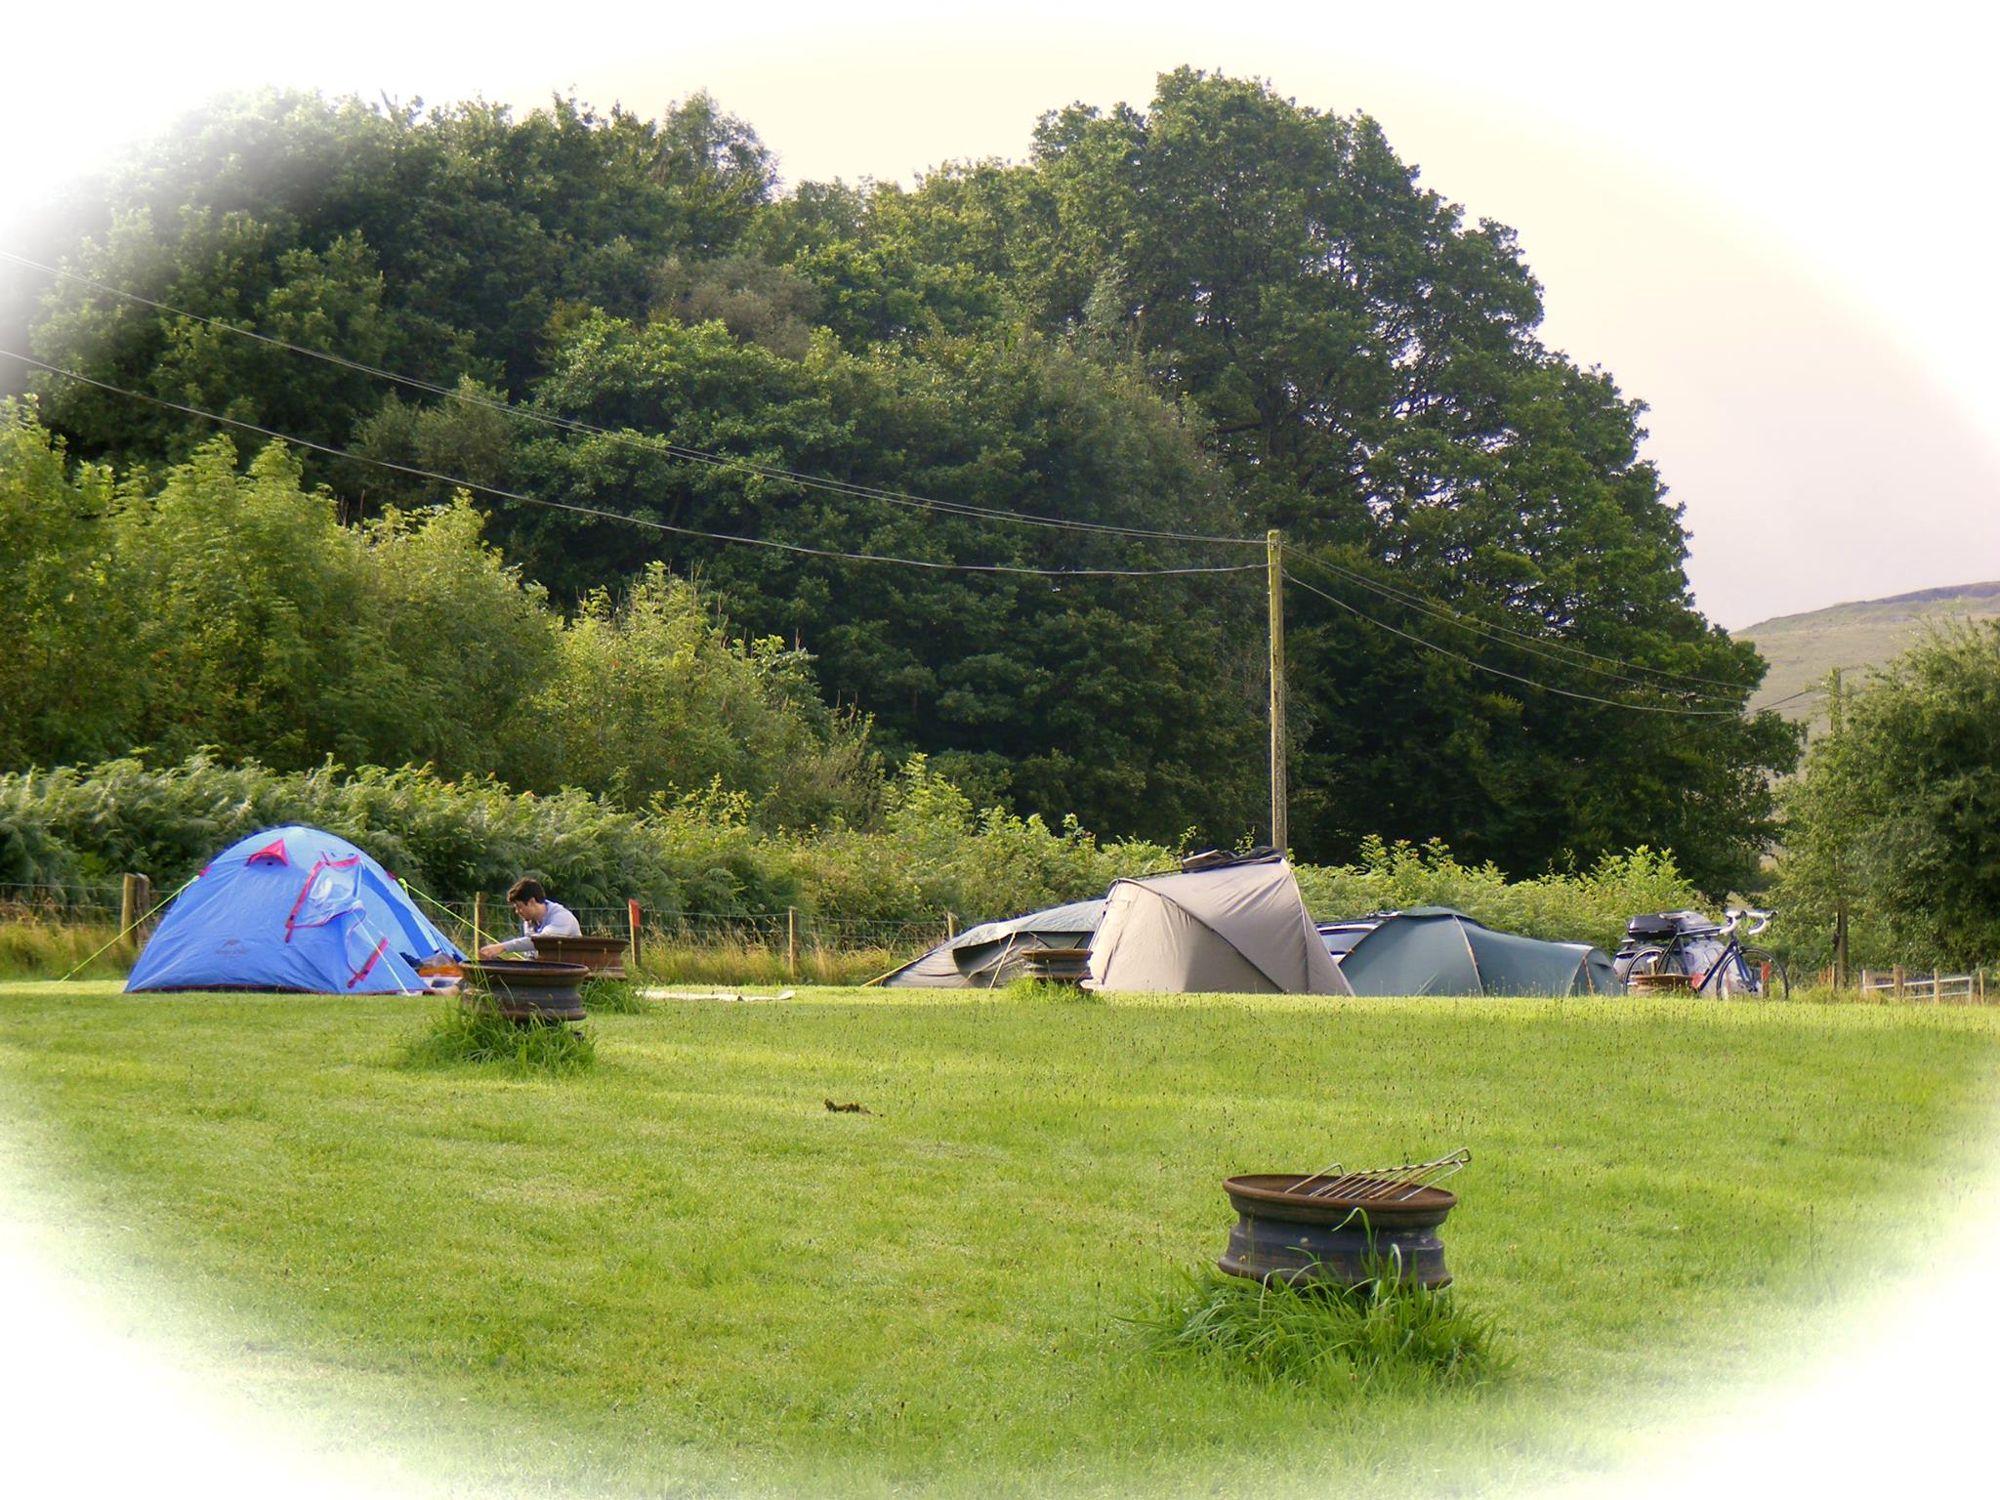 Cuckoo Camping